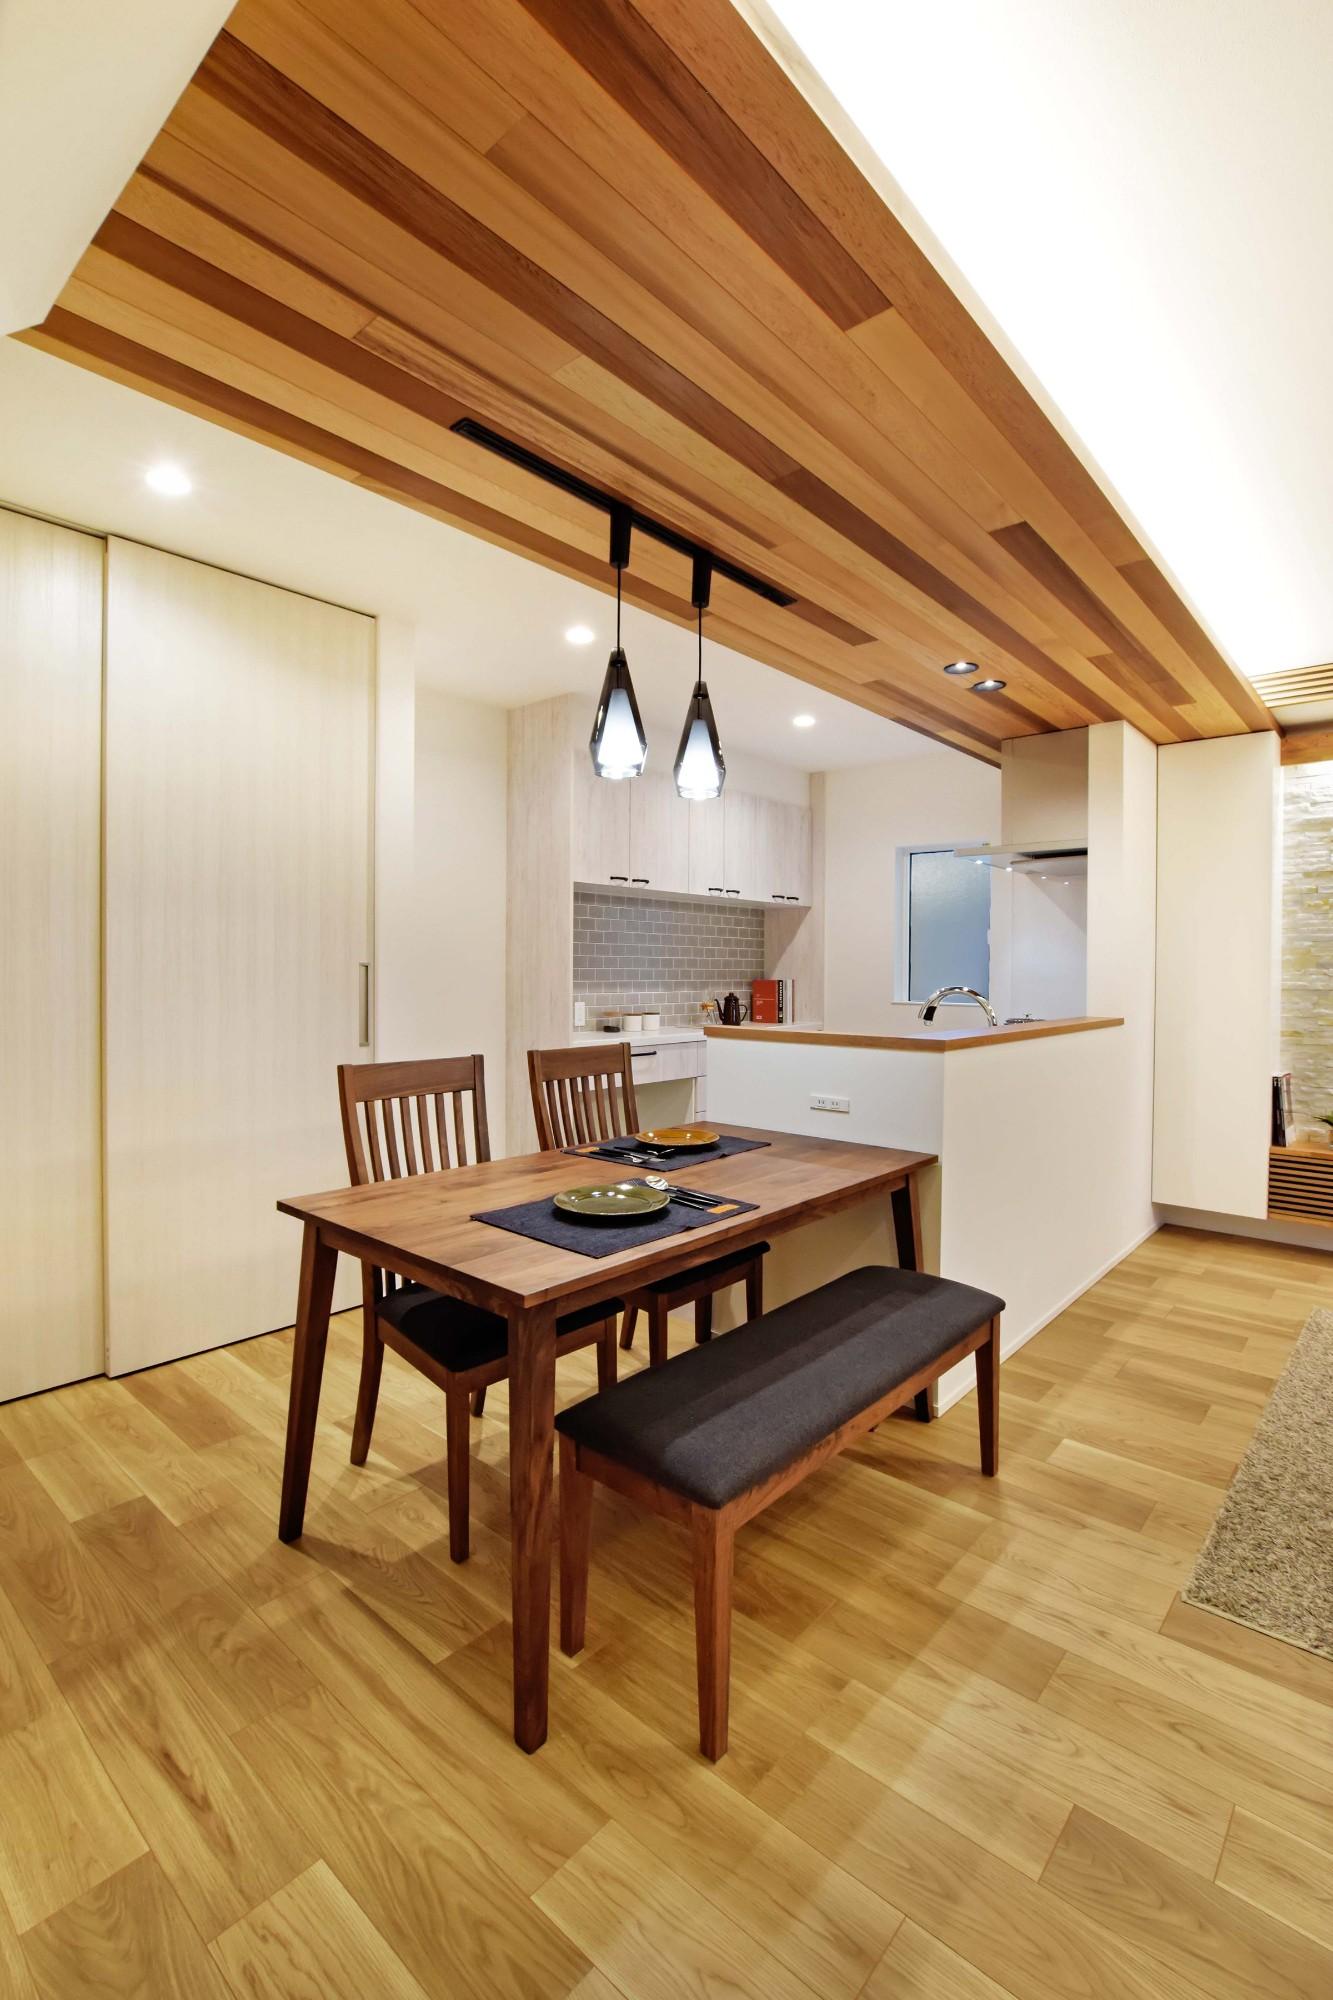 DETAIL HOME(ディテールホーム)「和と洋の溶け合う心地いい暮らし」の和風・和モダンなリビング・ダイニングの実例写真